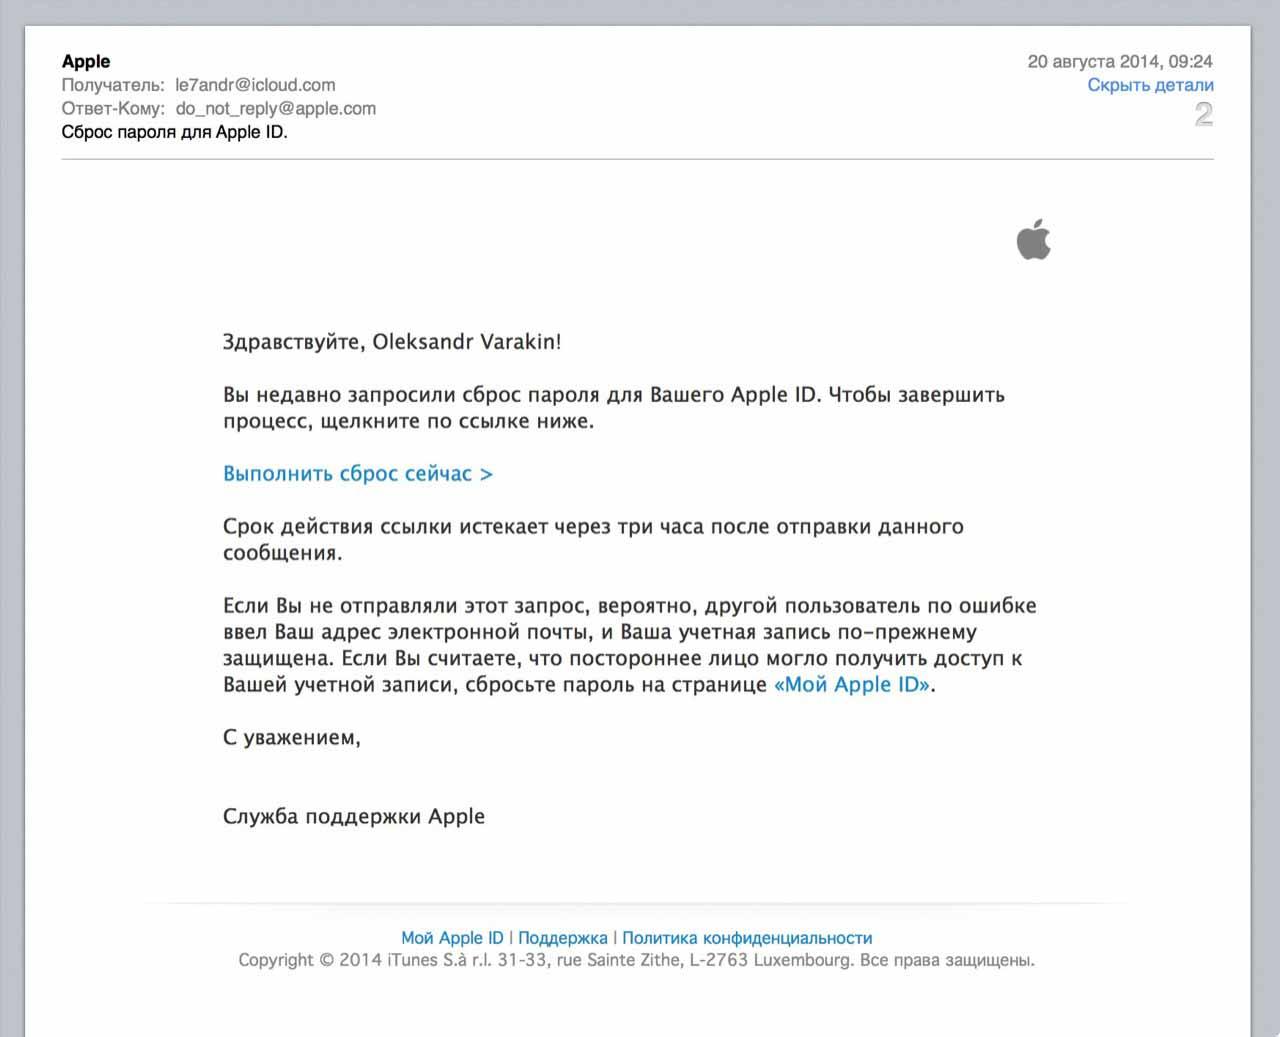 Письмо со ссылкой на сброс пароля к учетной записи